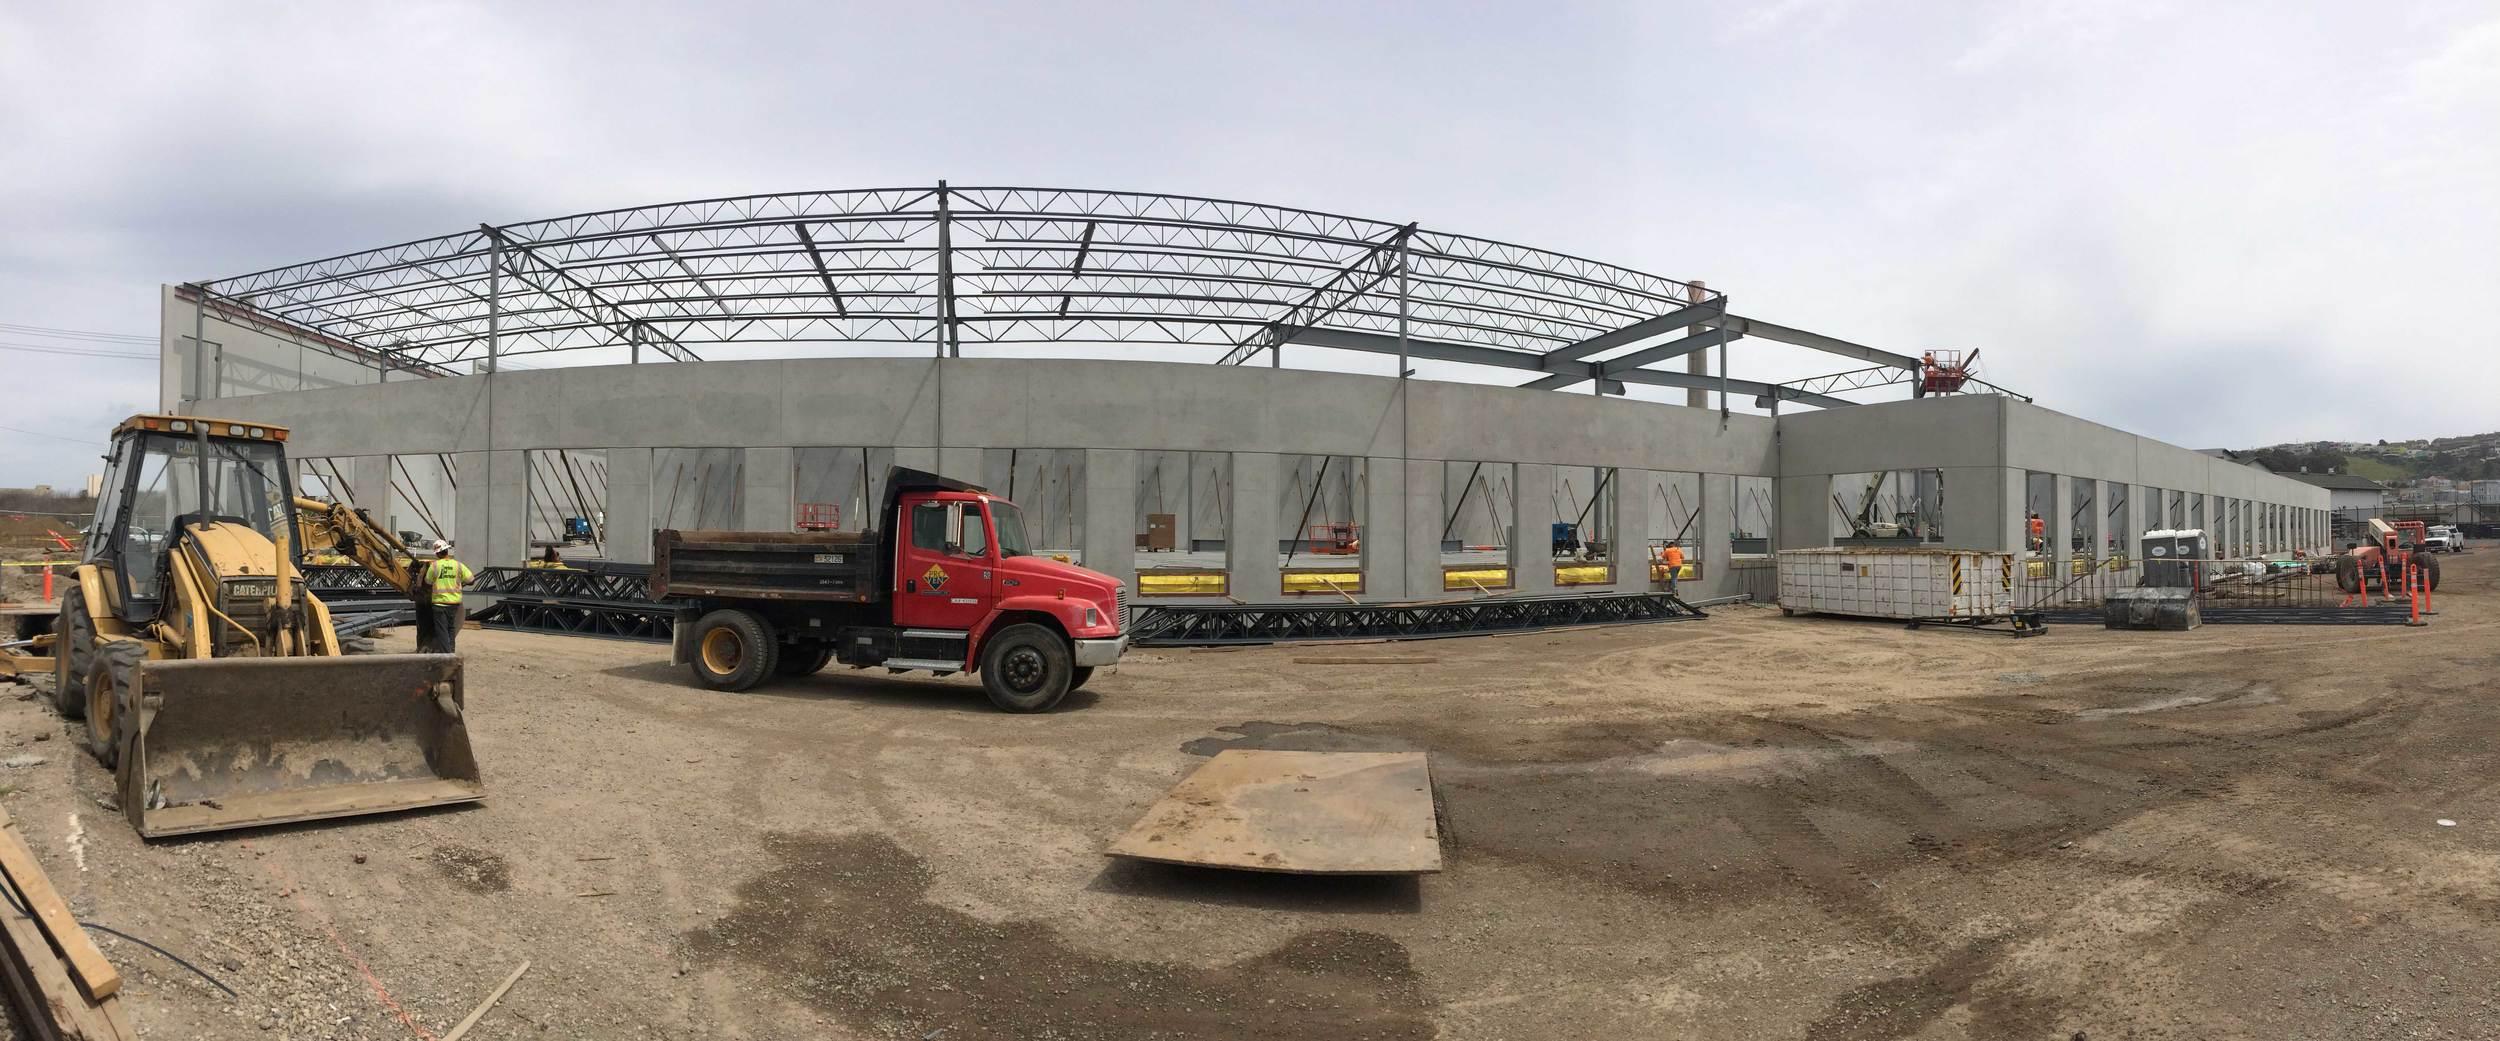 Concrete tilt up panels and structural framing at Loading Docks